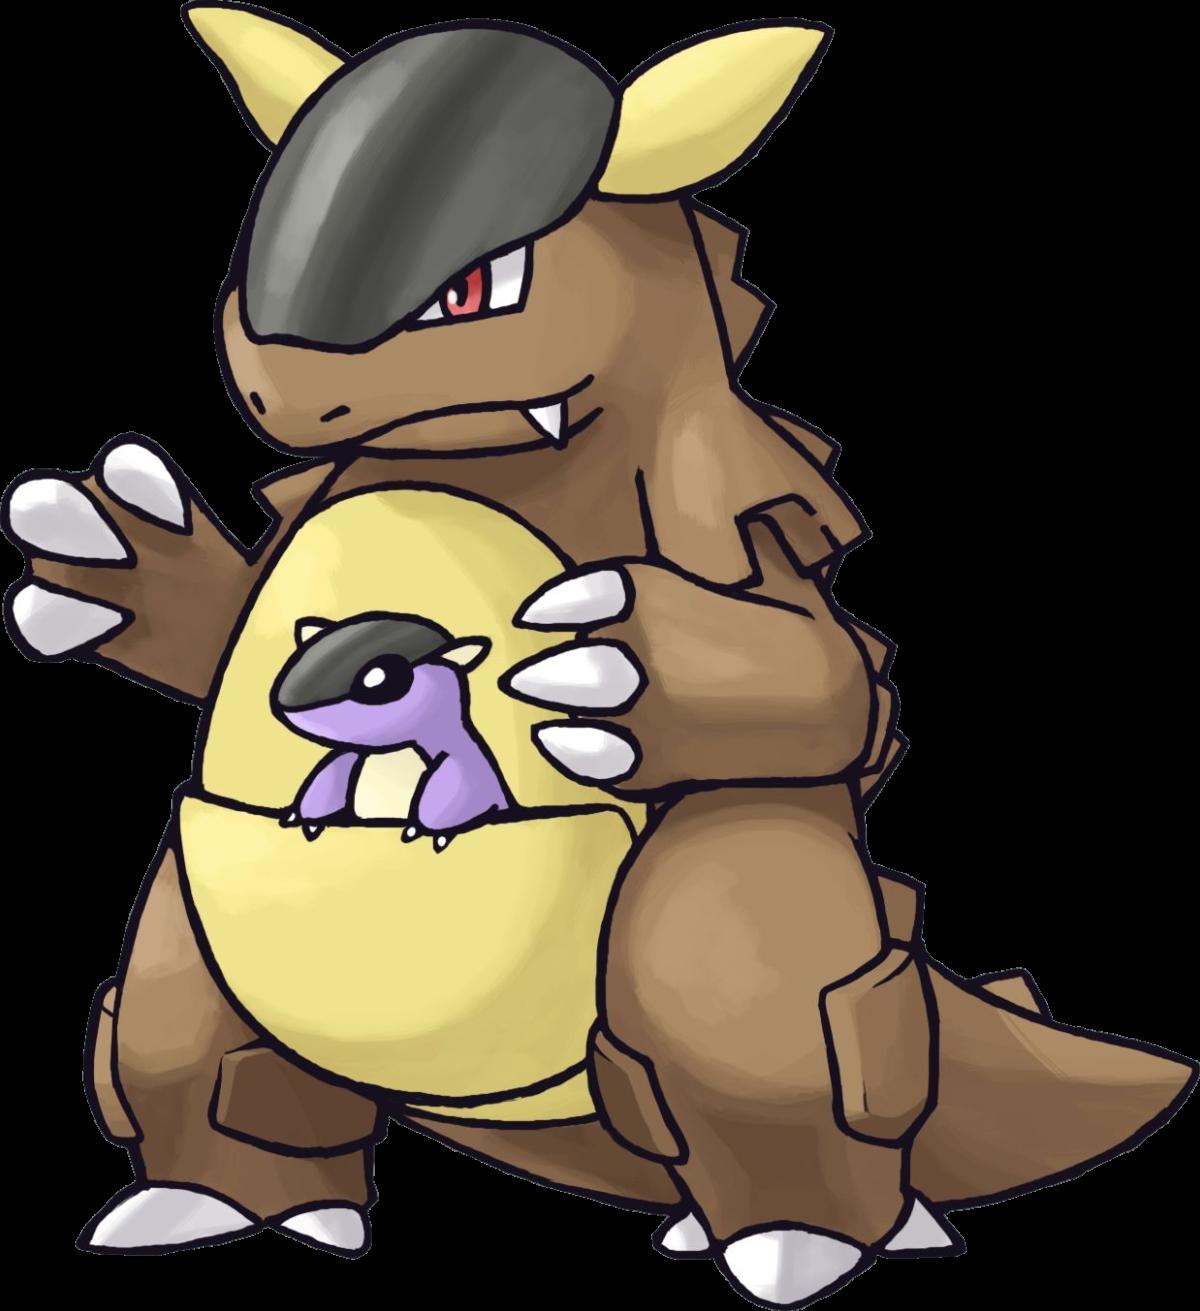 Kangaskhan | Pokemon Pokedex From Kanto | Pinterest | Pokemon pokedex